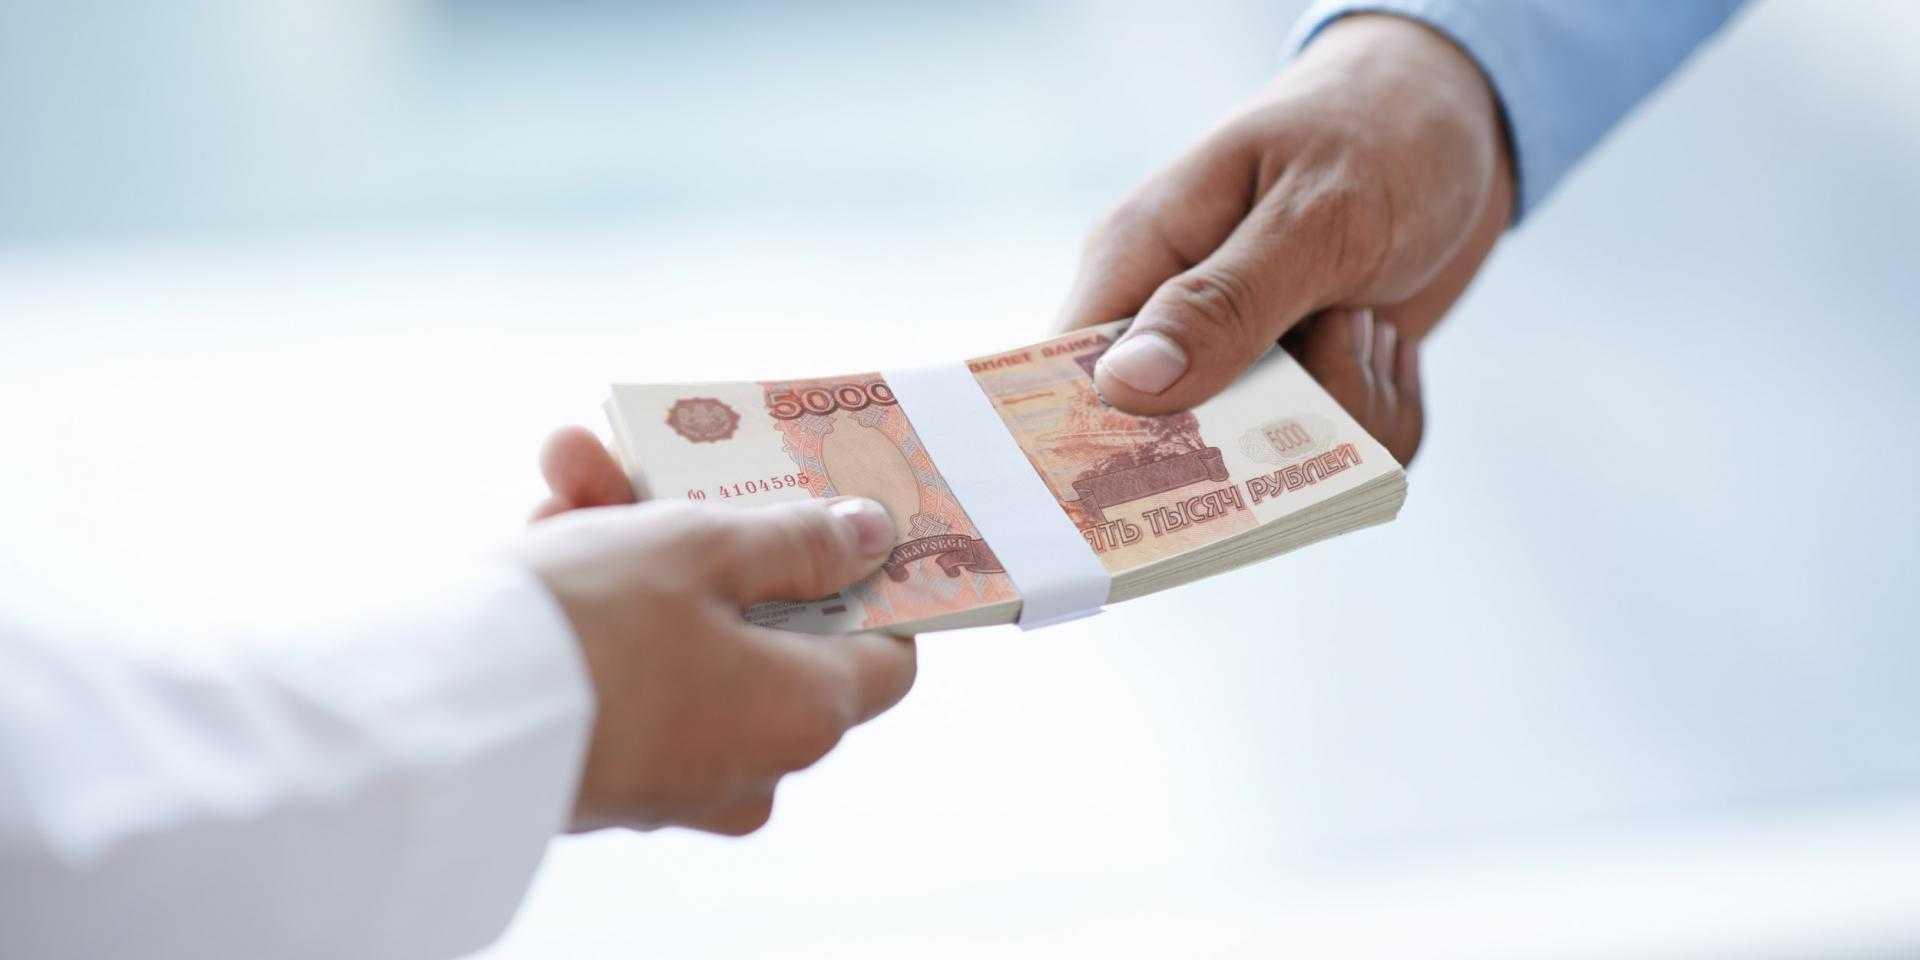 займы на карту срочно деньги под залог автомобиля в брянске